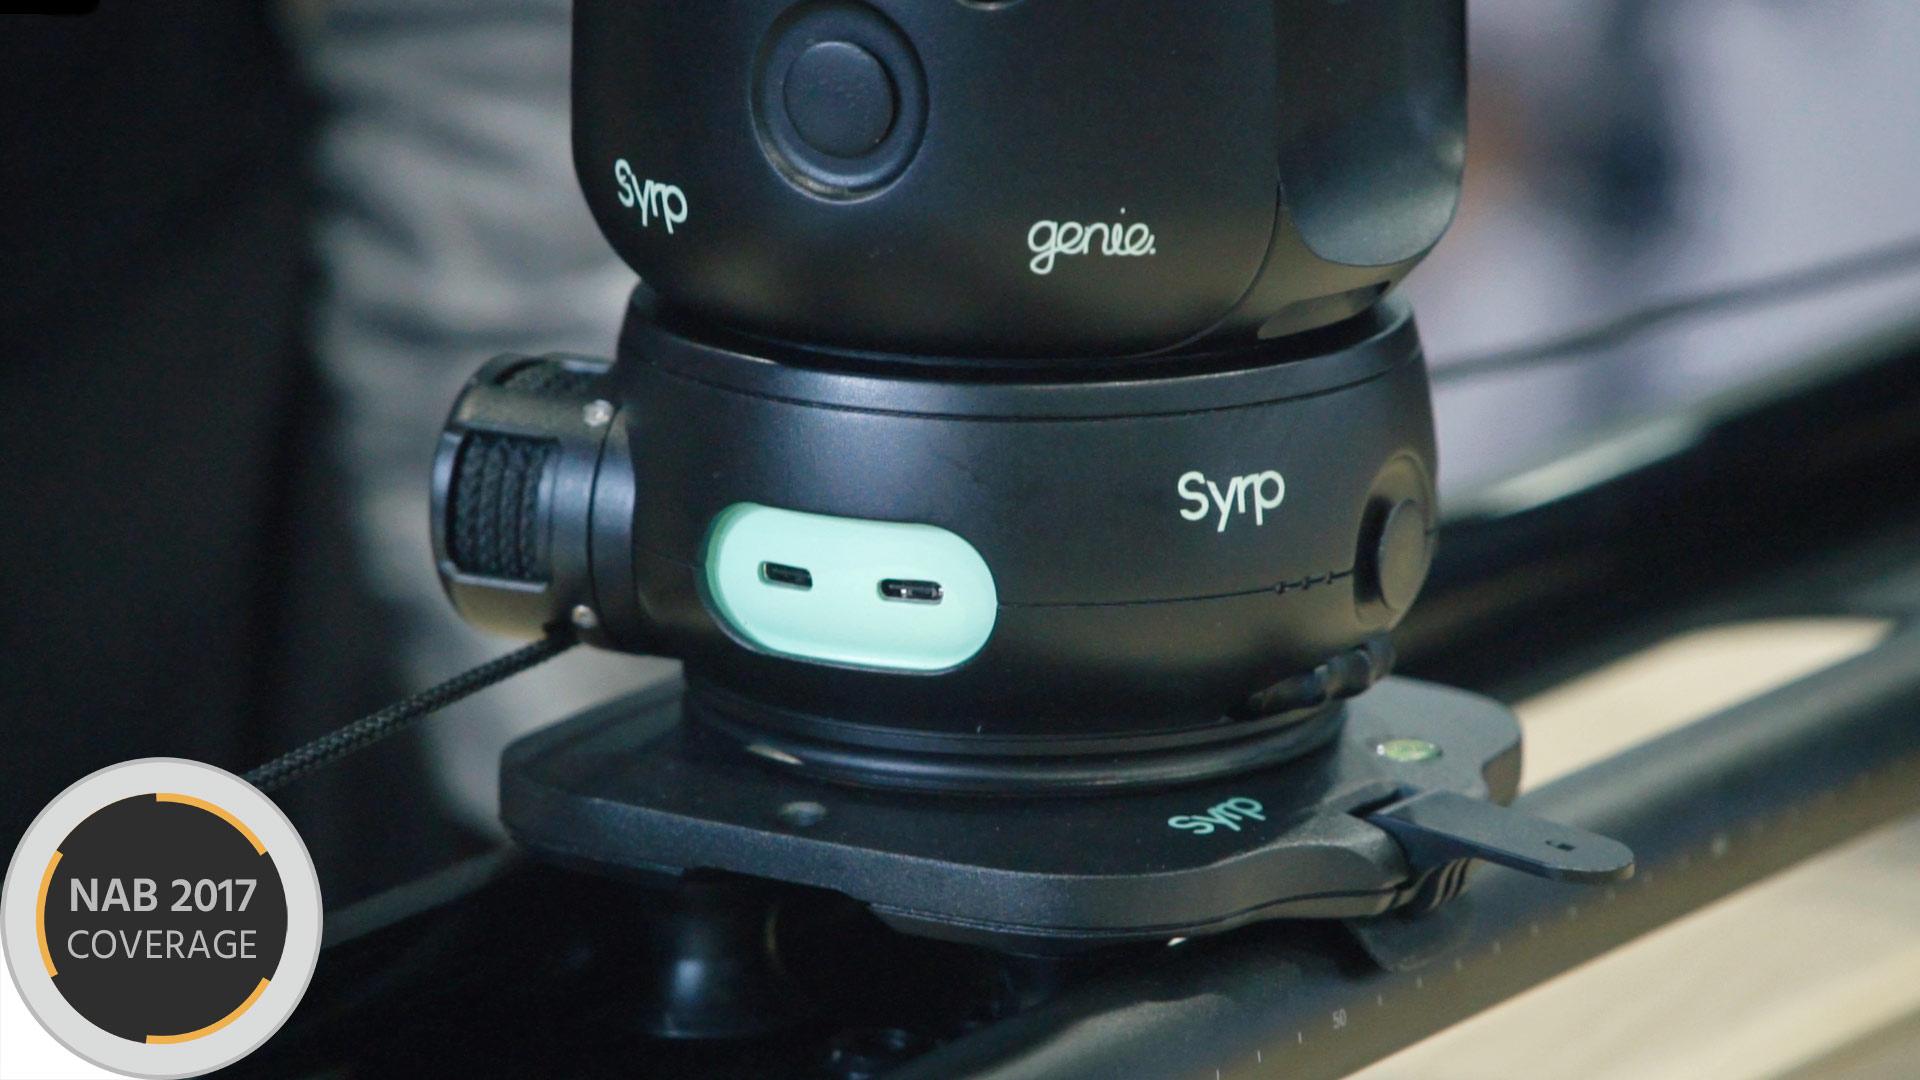 SyrpのGenie IIタイムラプスモーションコントローラー